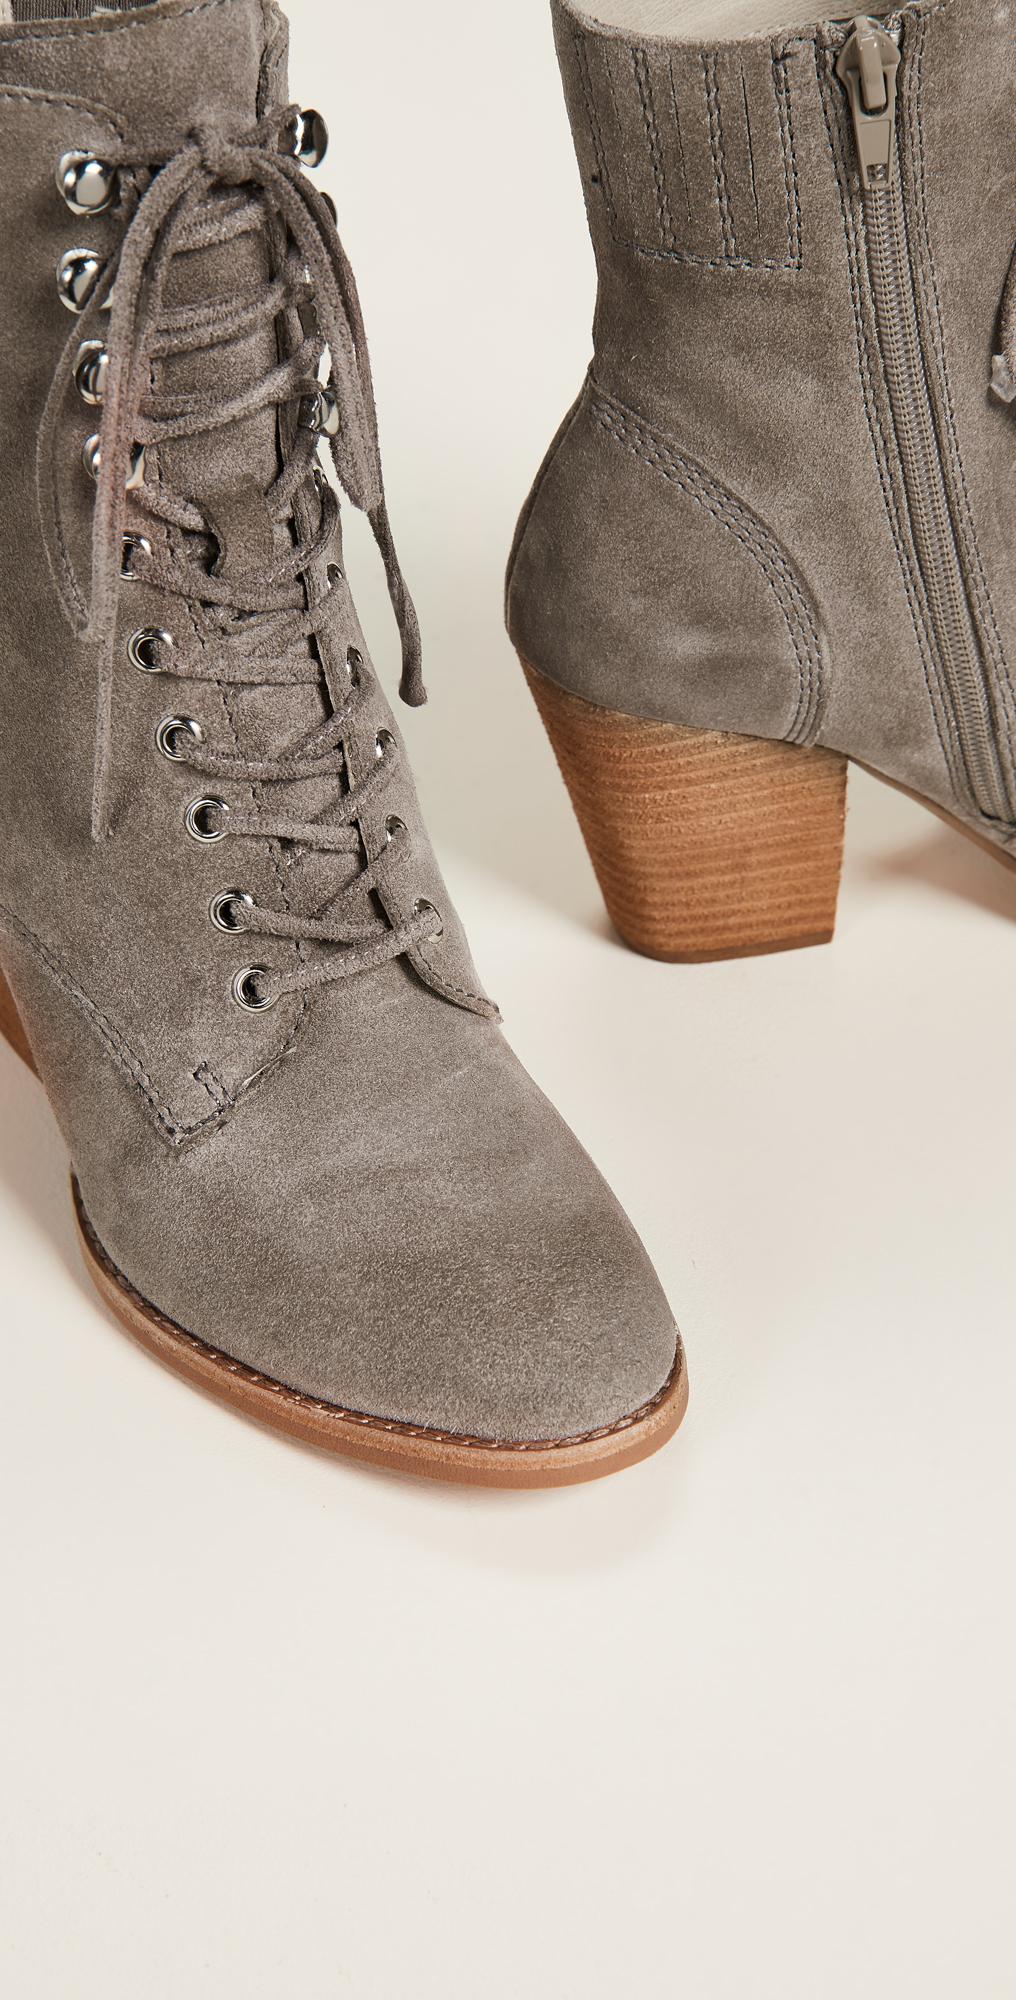 Jeffrey Campbell Elman Lace Up Boots